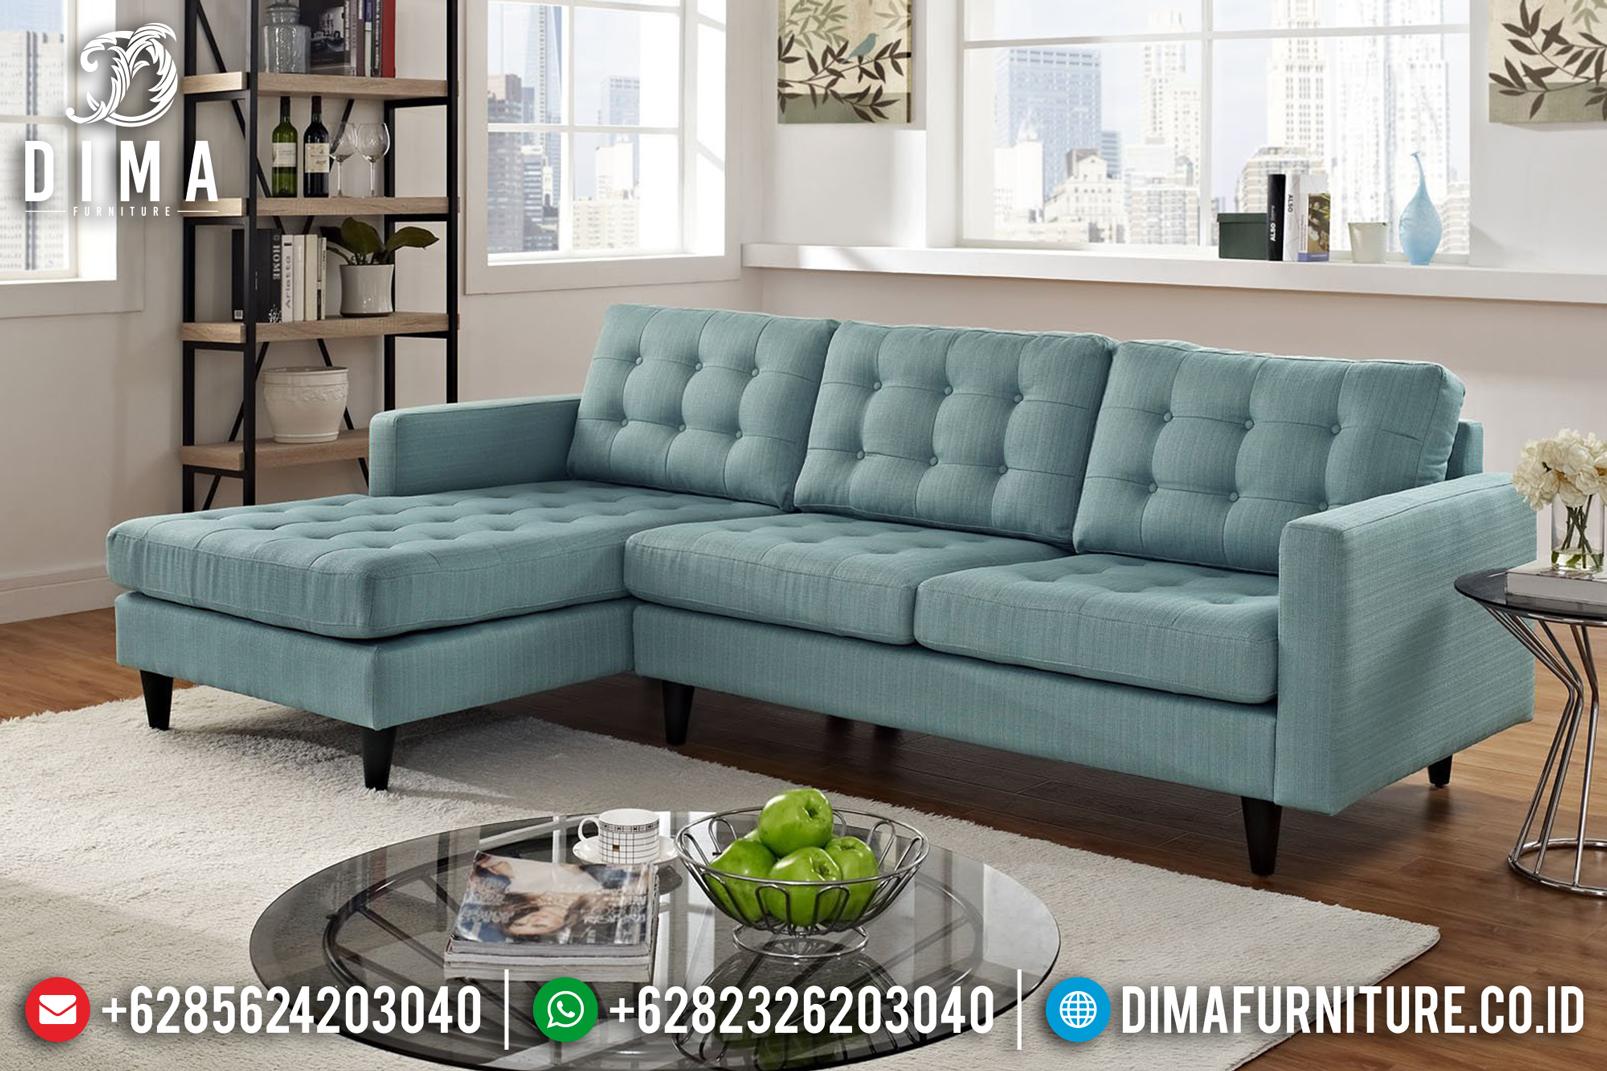 Model Warren Set Sofa Tamu Minimalis Jepara Mewah Cover Kuning ST-0666 Gambar 1